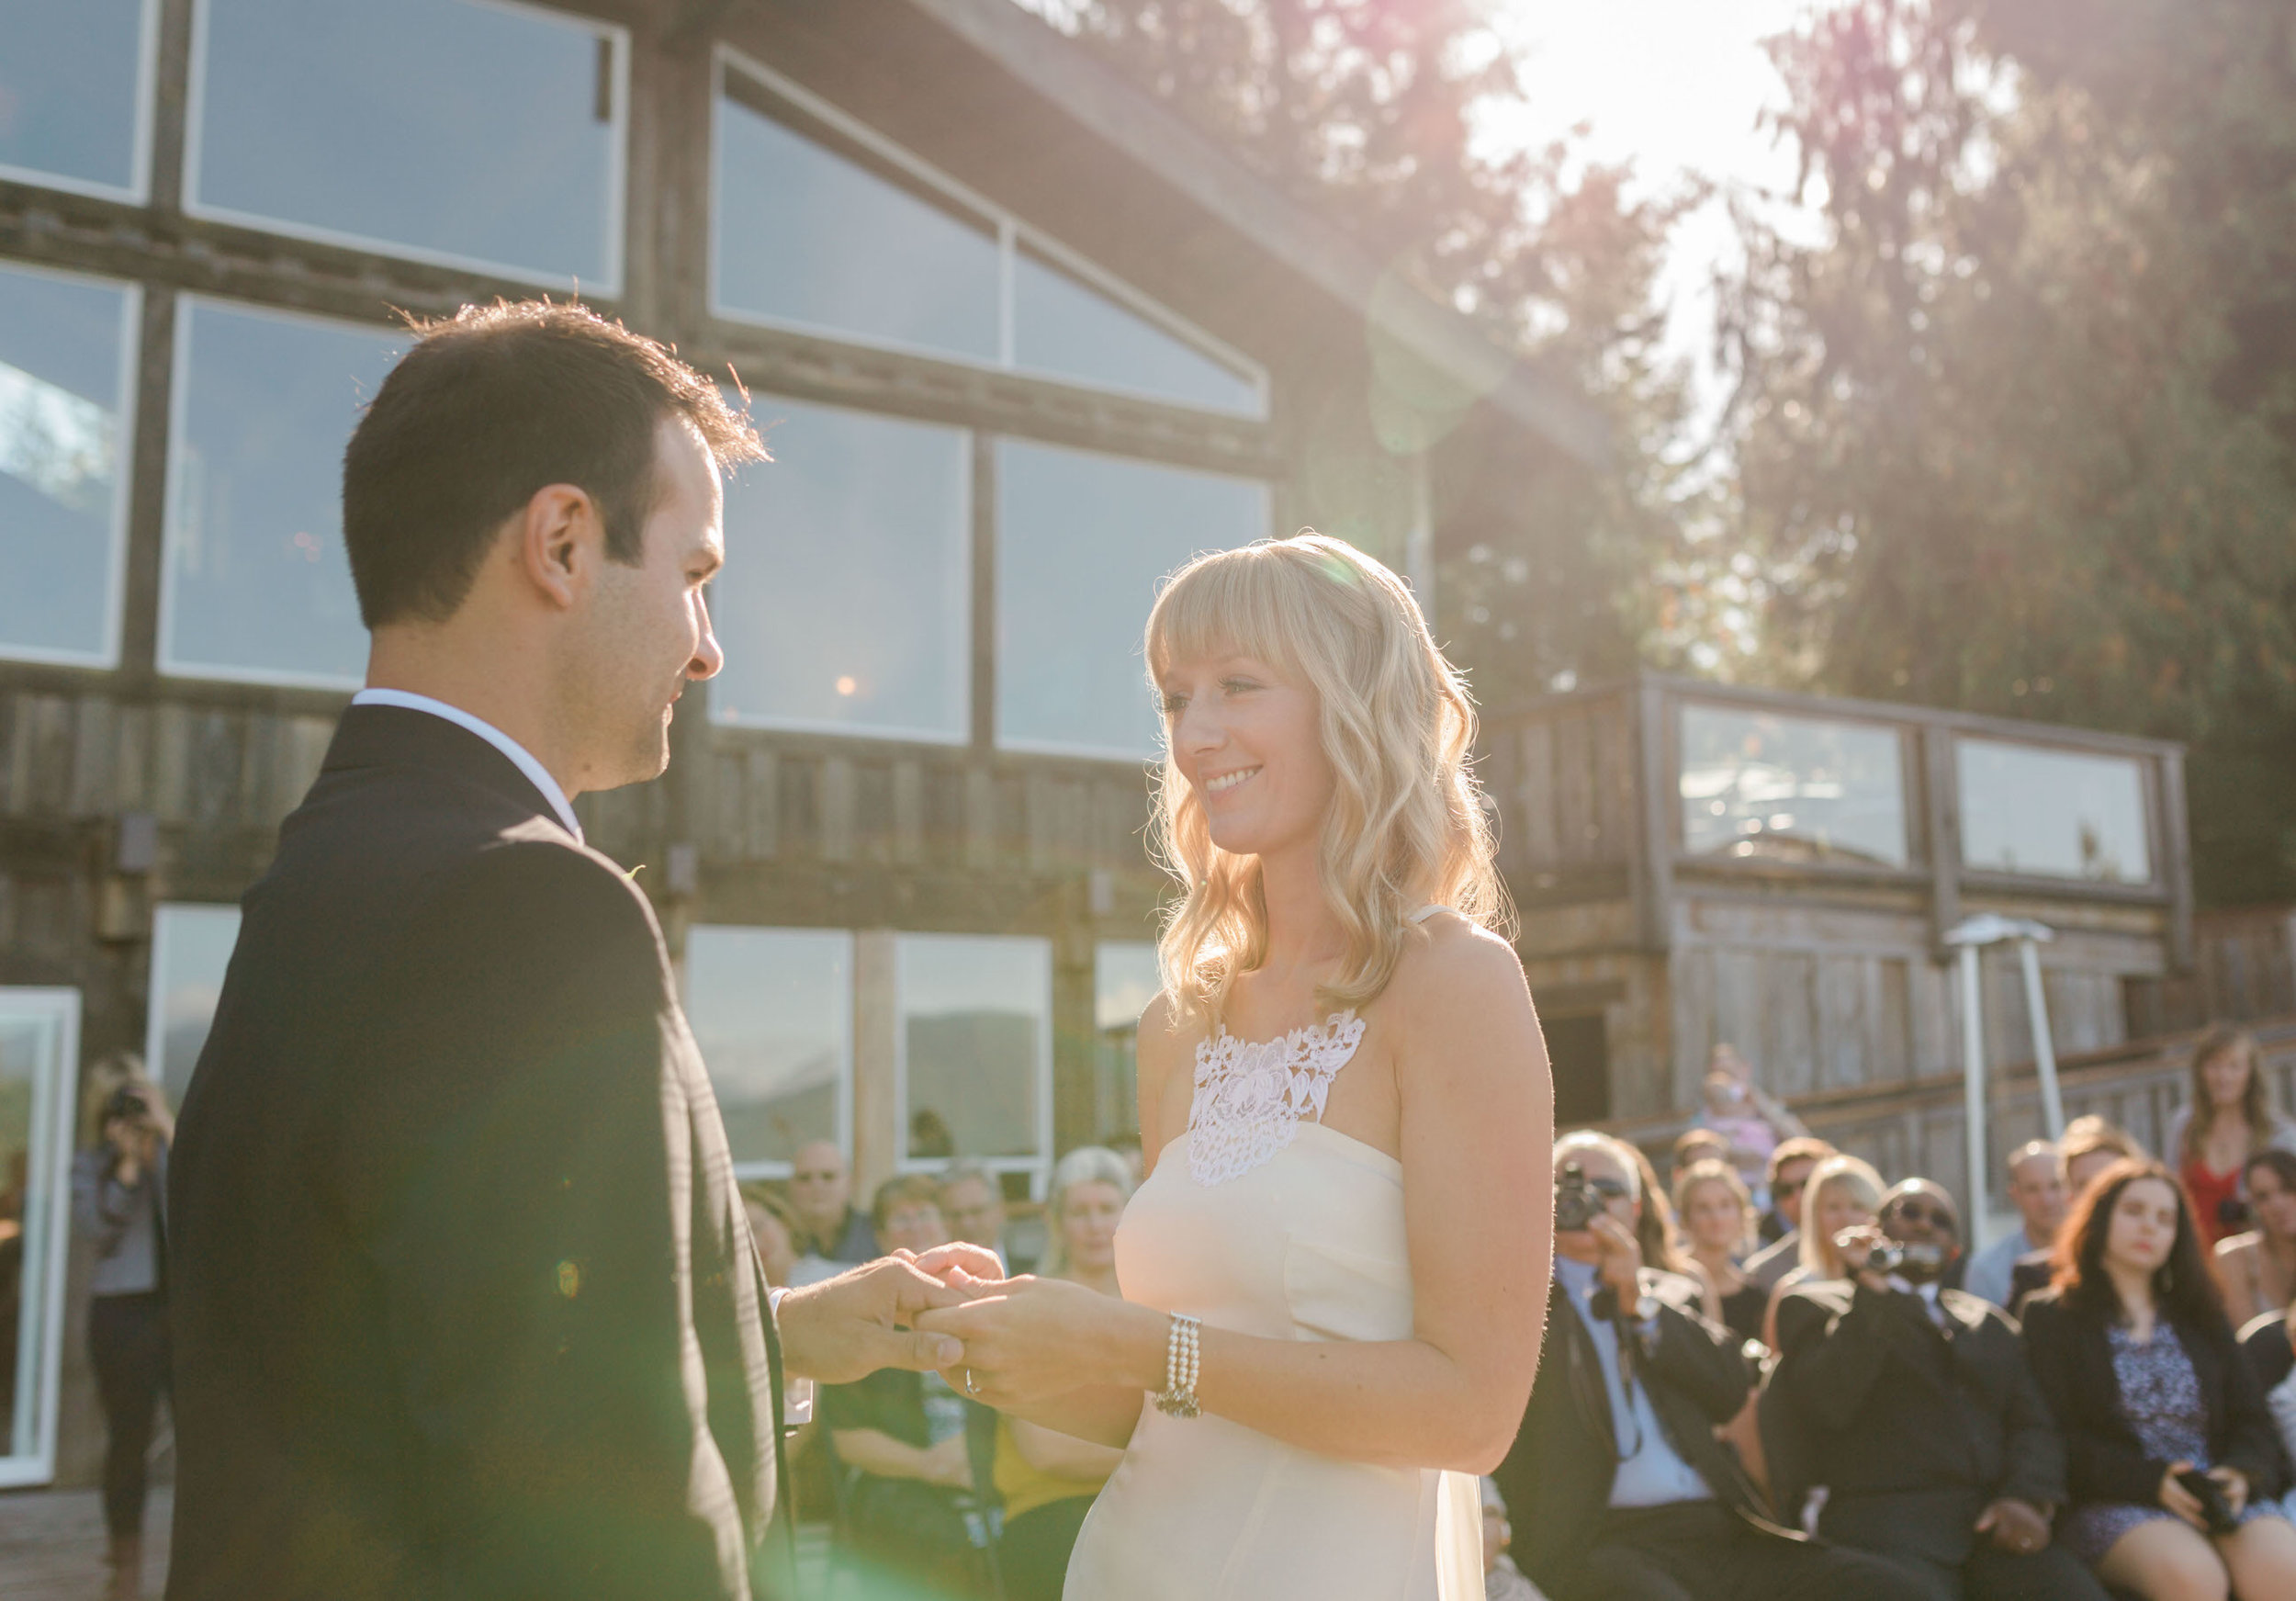 Sunshine Coast Wedding Photographer - Vancouver Wedding Photographer - West Coast Wilderness Lodge Wedding - Jennifer Picard Photography - IMG_6834.jpg